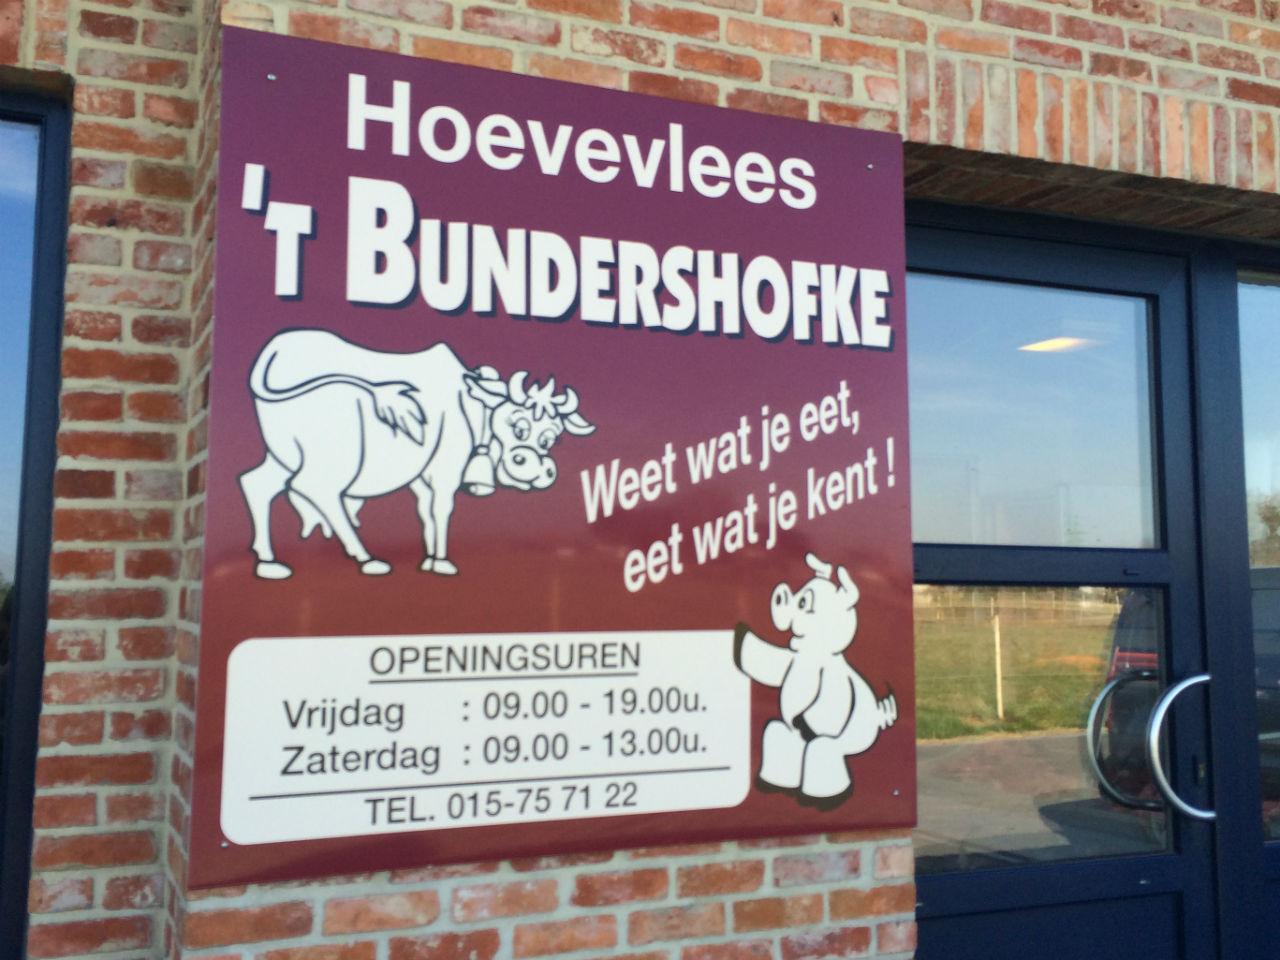 bundershofke